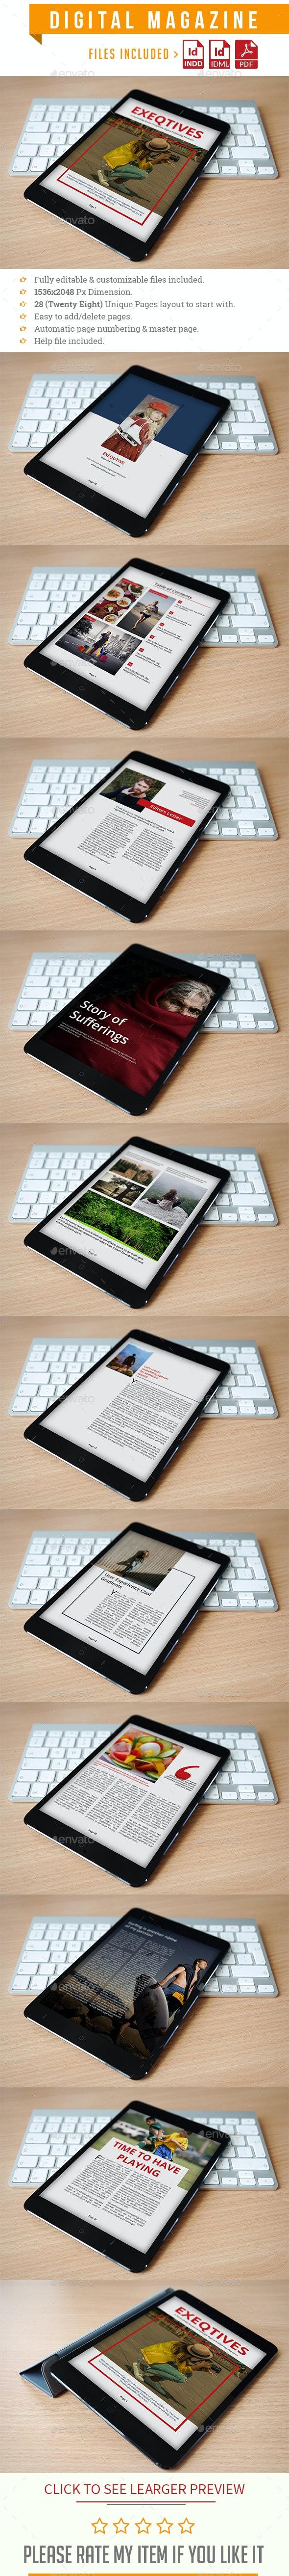 Digital Magazine - Digital Magazines ePublishing